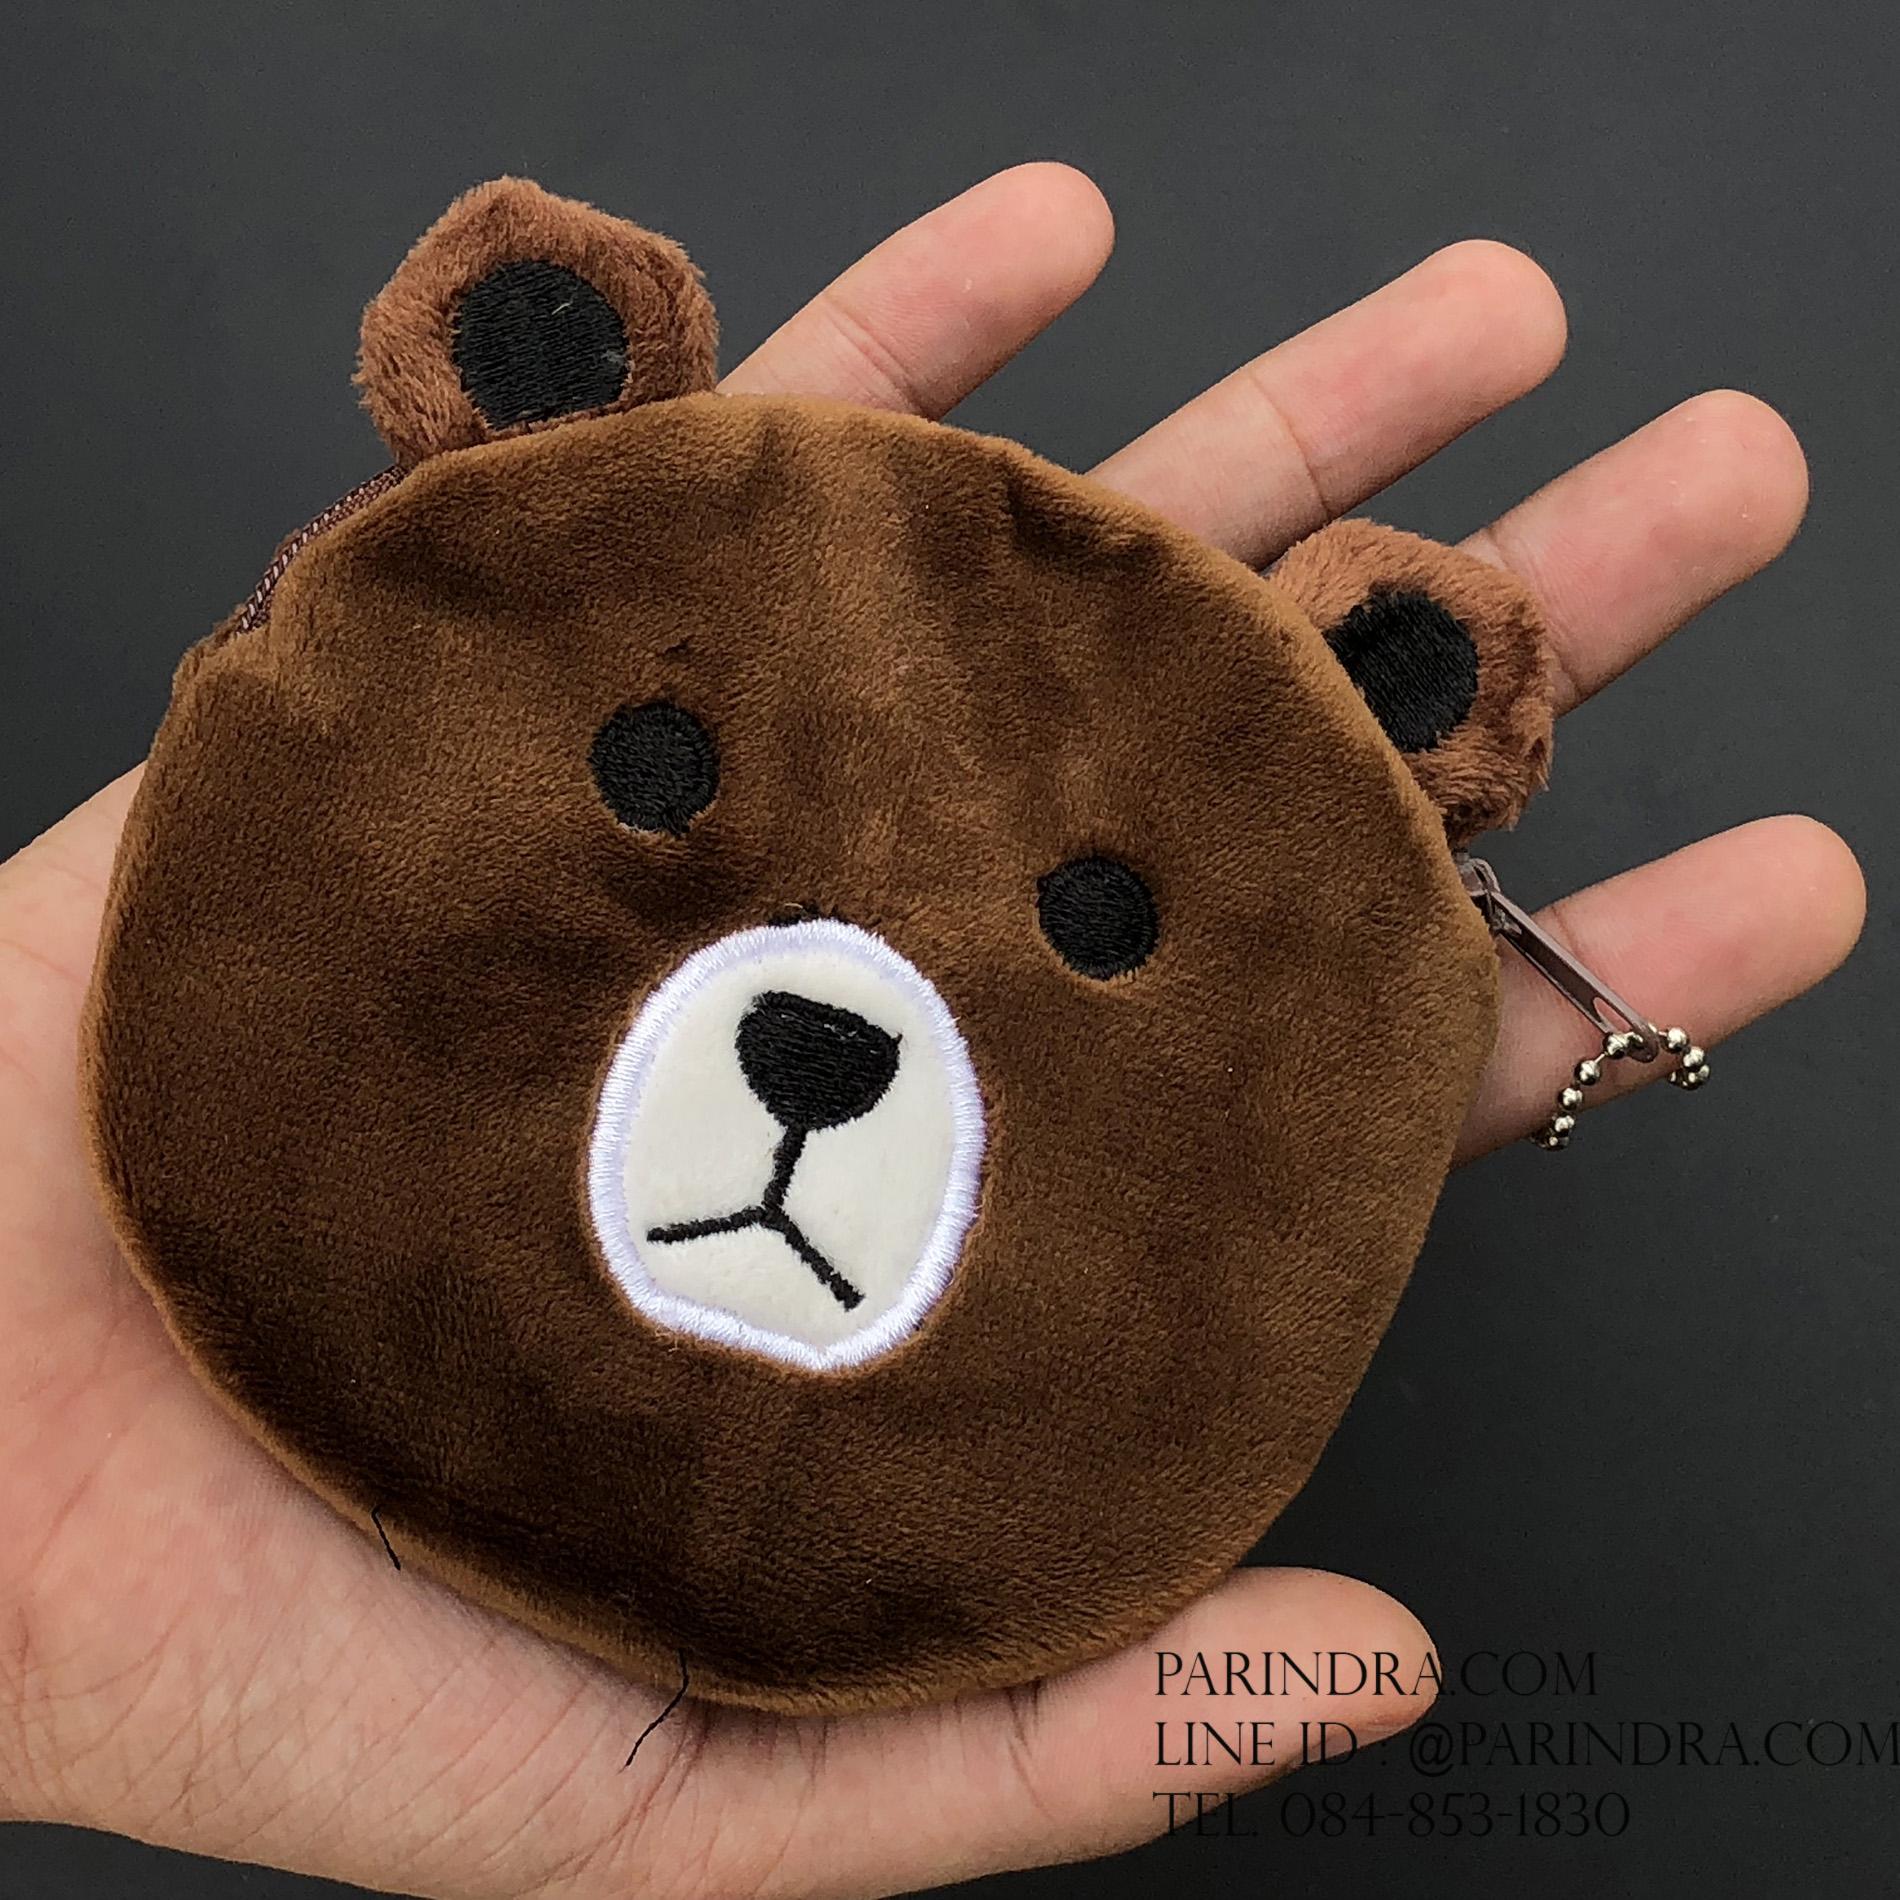 กระเป๋าใส่เหรียญ น่ารัก ขนาดกลาง หมีสีน้ำตาล